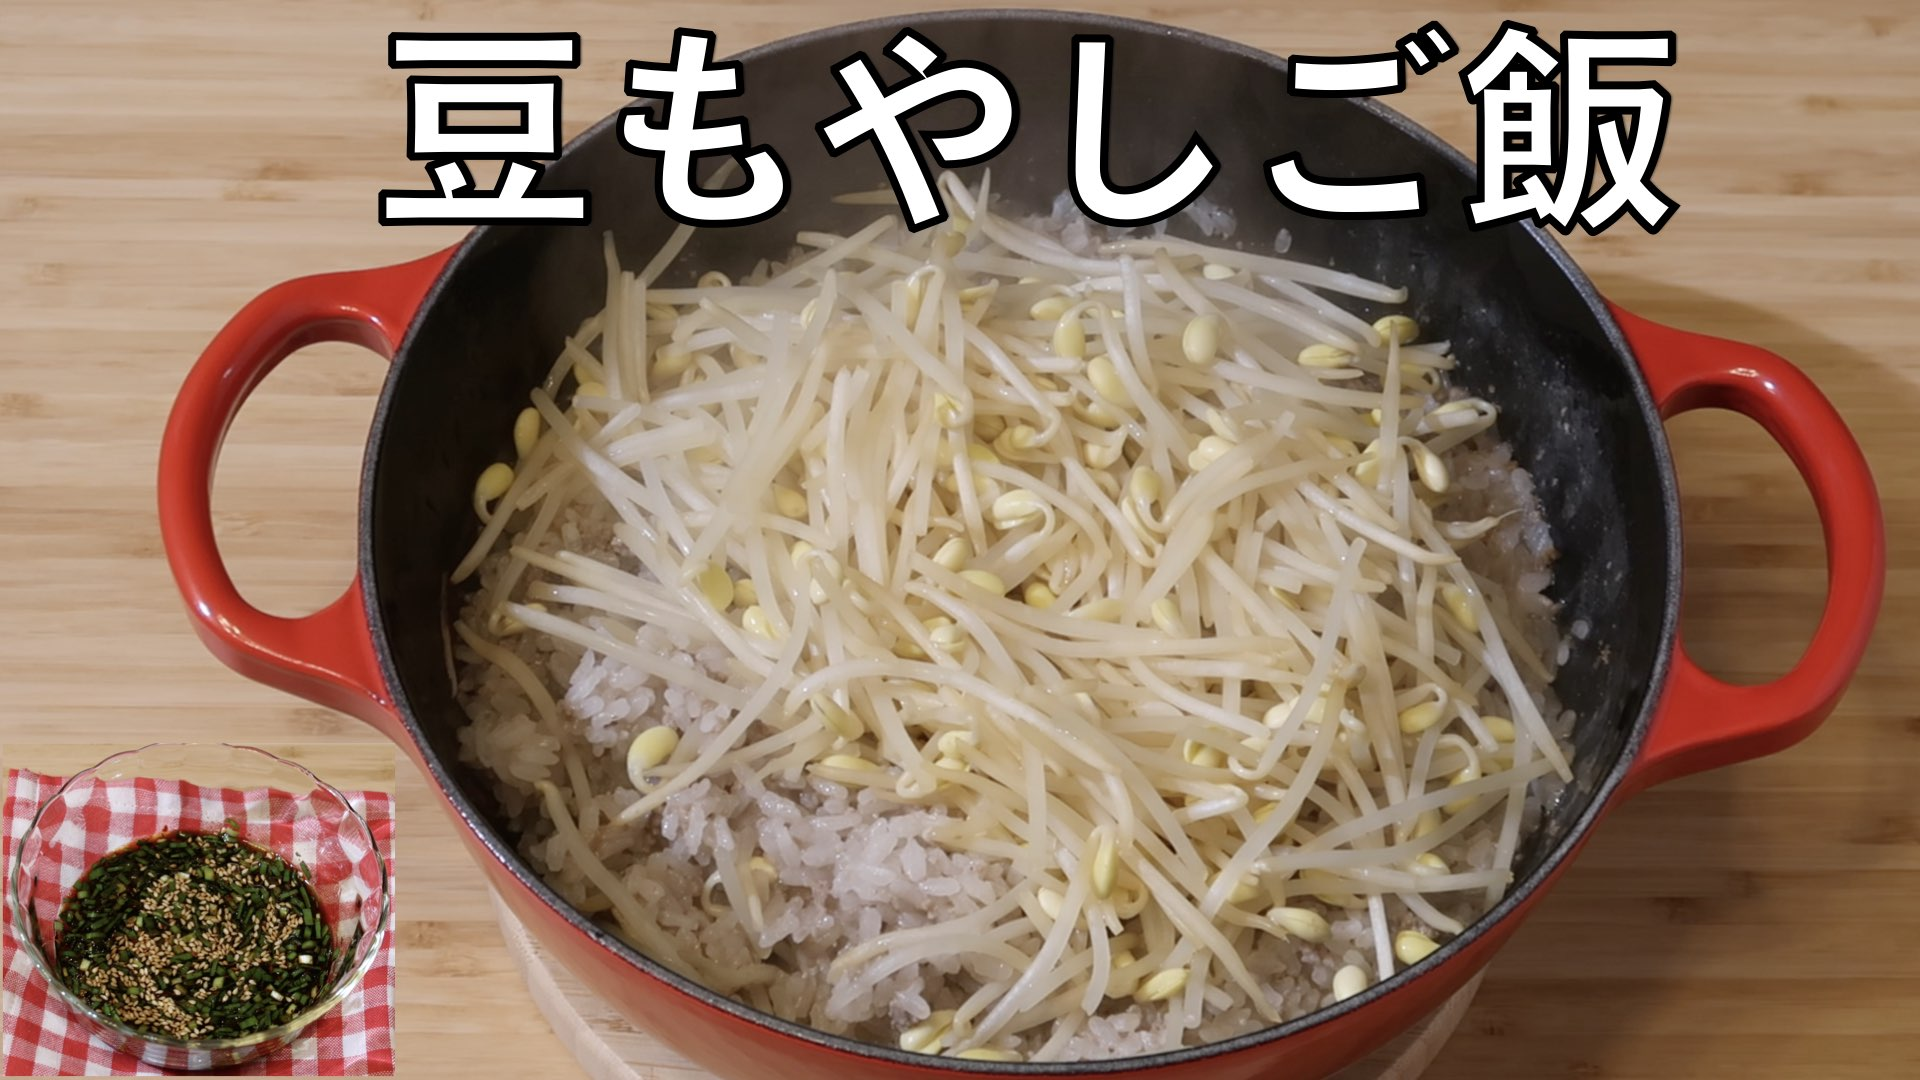 豆もやしご飯の作り方 | Olive家の簡単レシピ | シャキシャキ食感の豆もやしと牛肉のコラボ | にらと醤油のヤンニョムタレ | 豆もやしレシピ✨